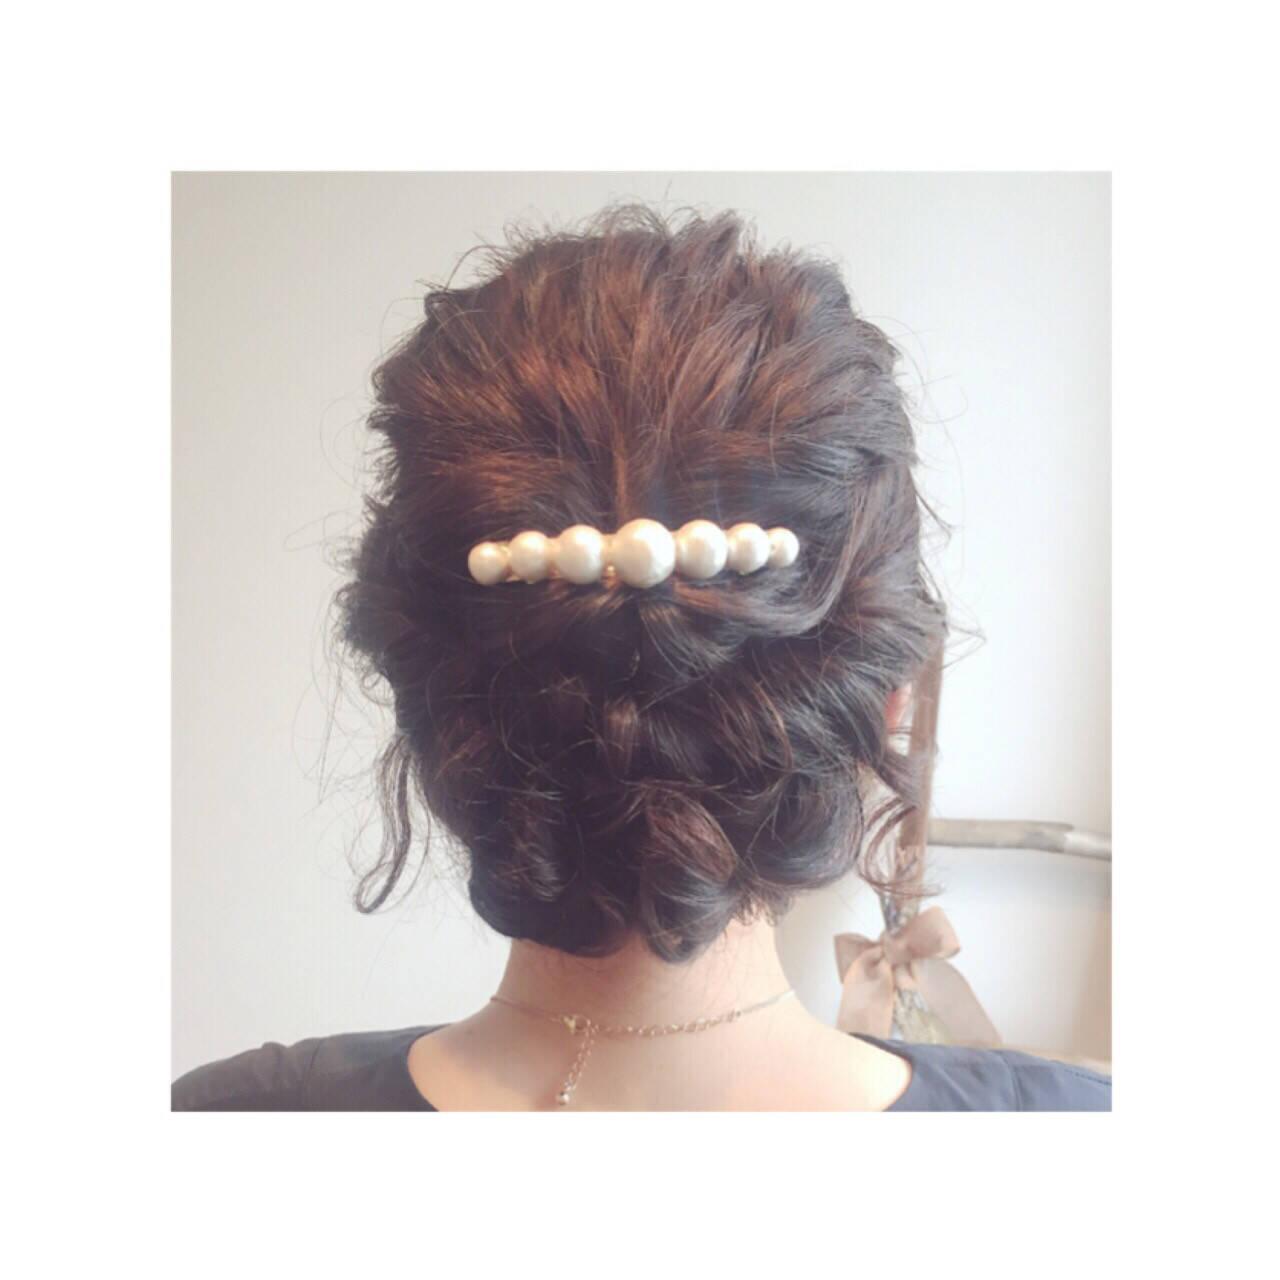 ミディアム ヘアアレンジ ツイスト ロープ編みヘアスタイルや髪型の写真・画像